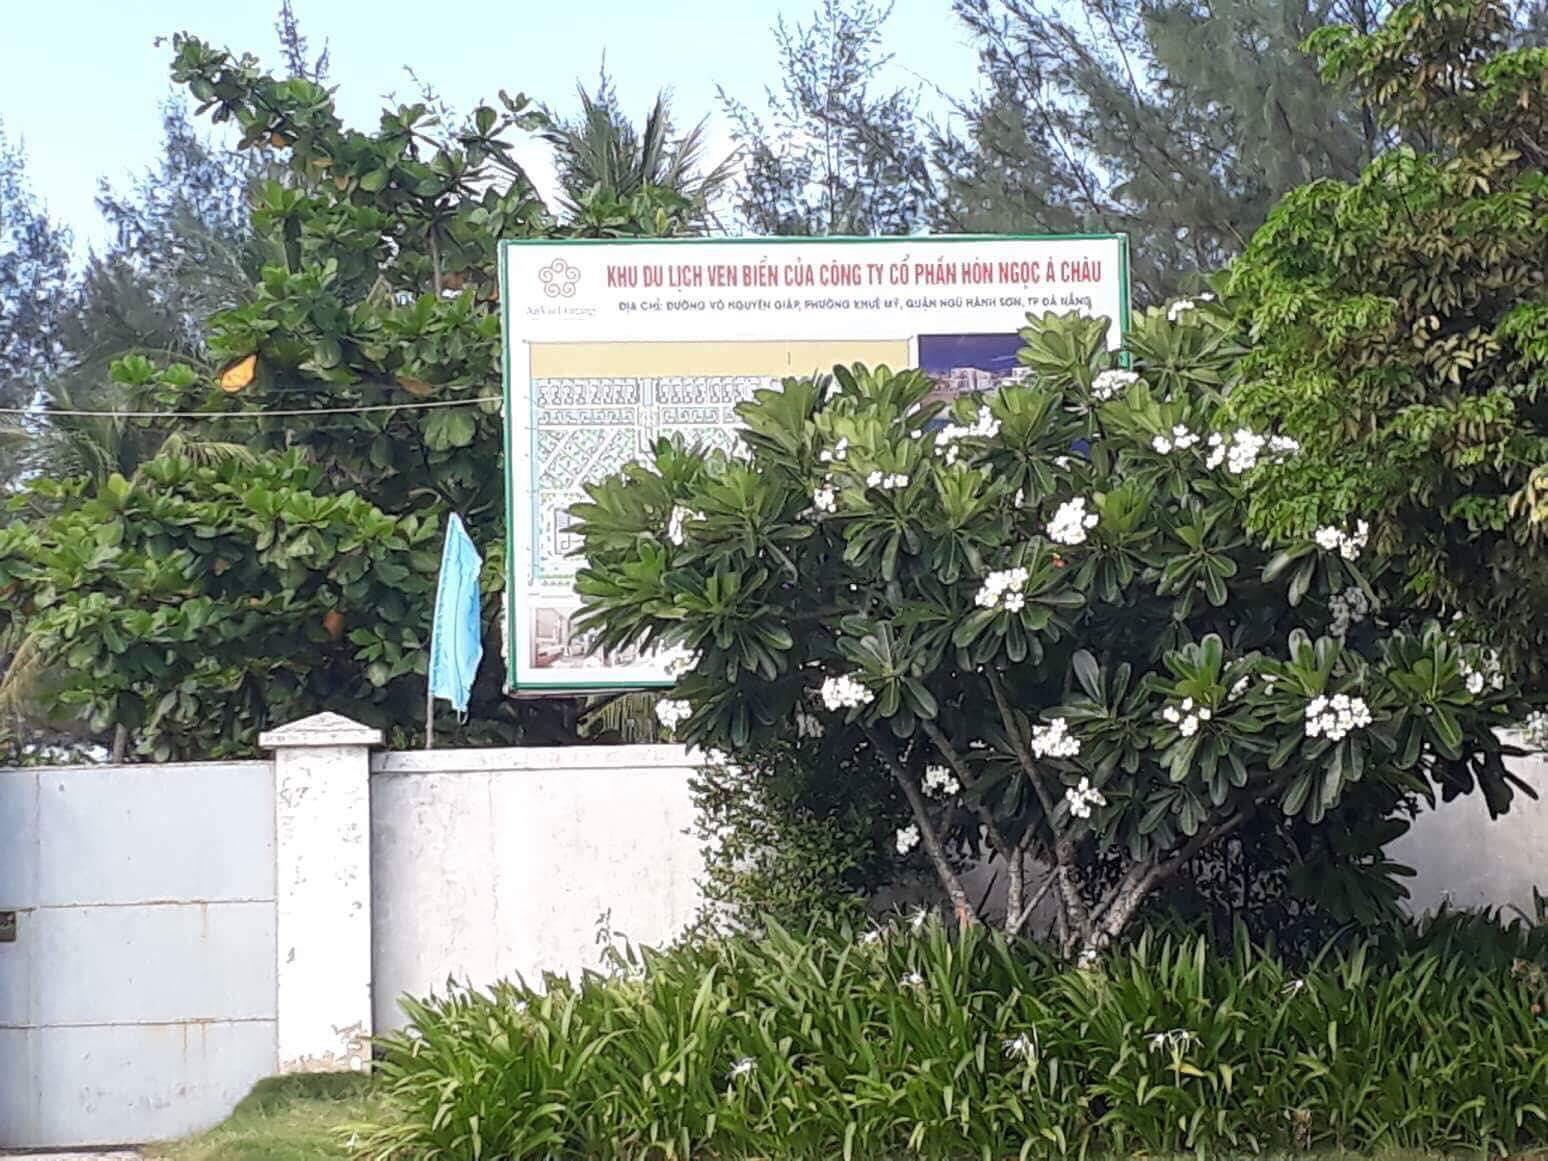 Đà Nẵng: Doanh nghiệp kêu cứu vì bị thu hồi dự án để mở lối xuống biển